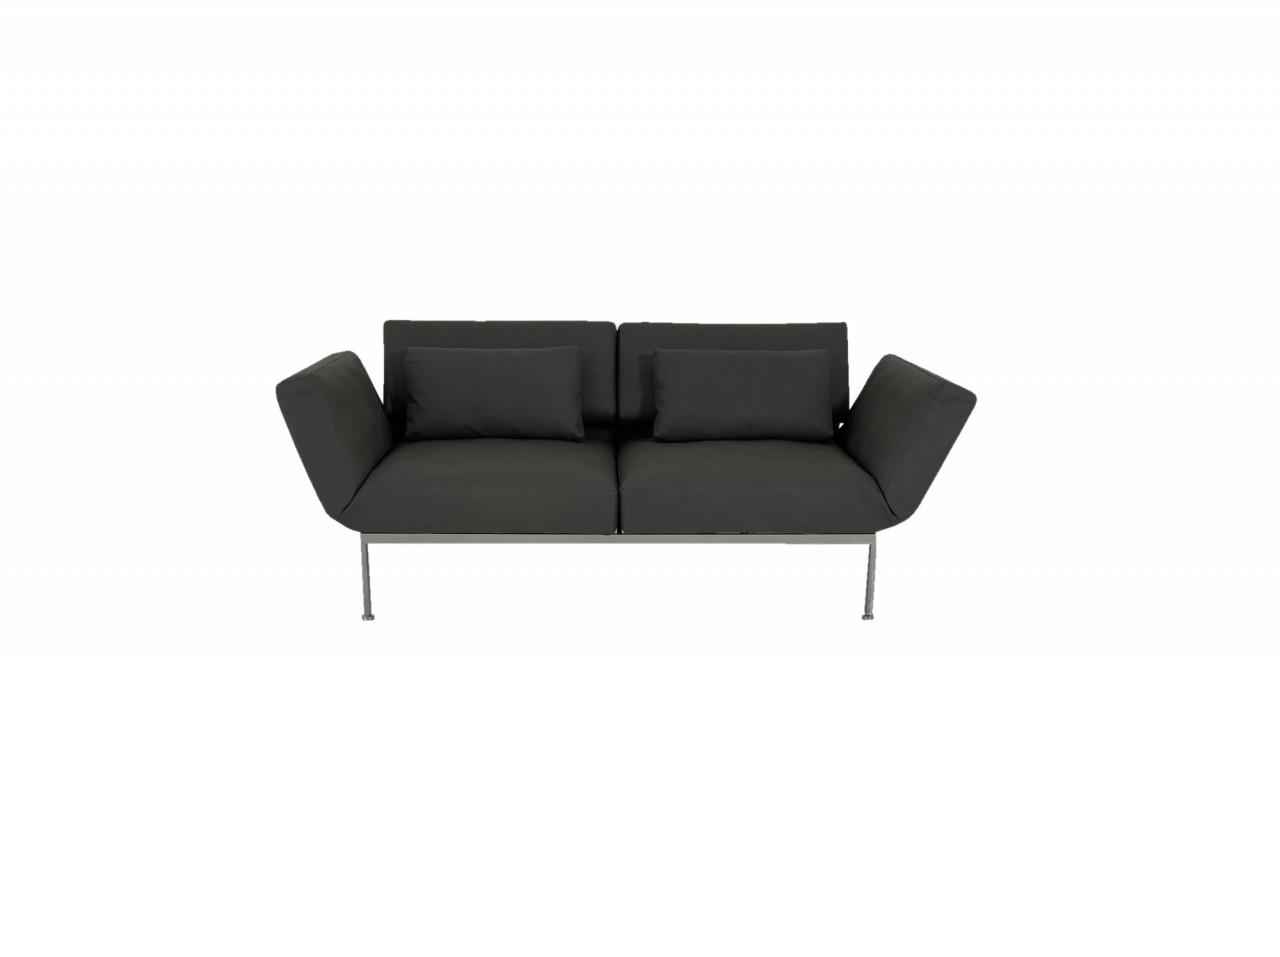 Brühl RORO/20 soft Sofa 2 mit weichen Sitzen in Leder Taron grau Gestell verchromt mit Rollen